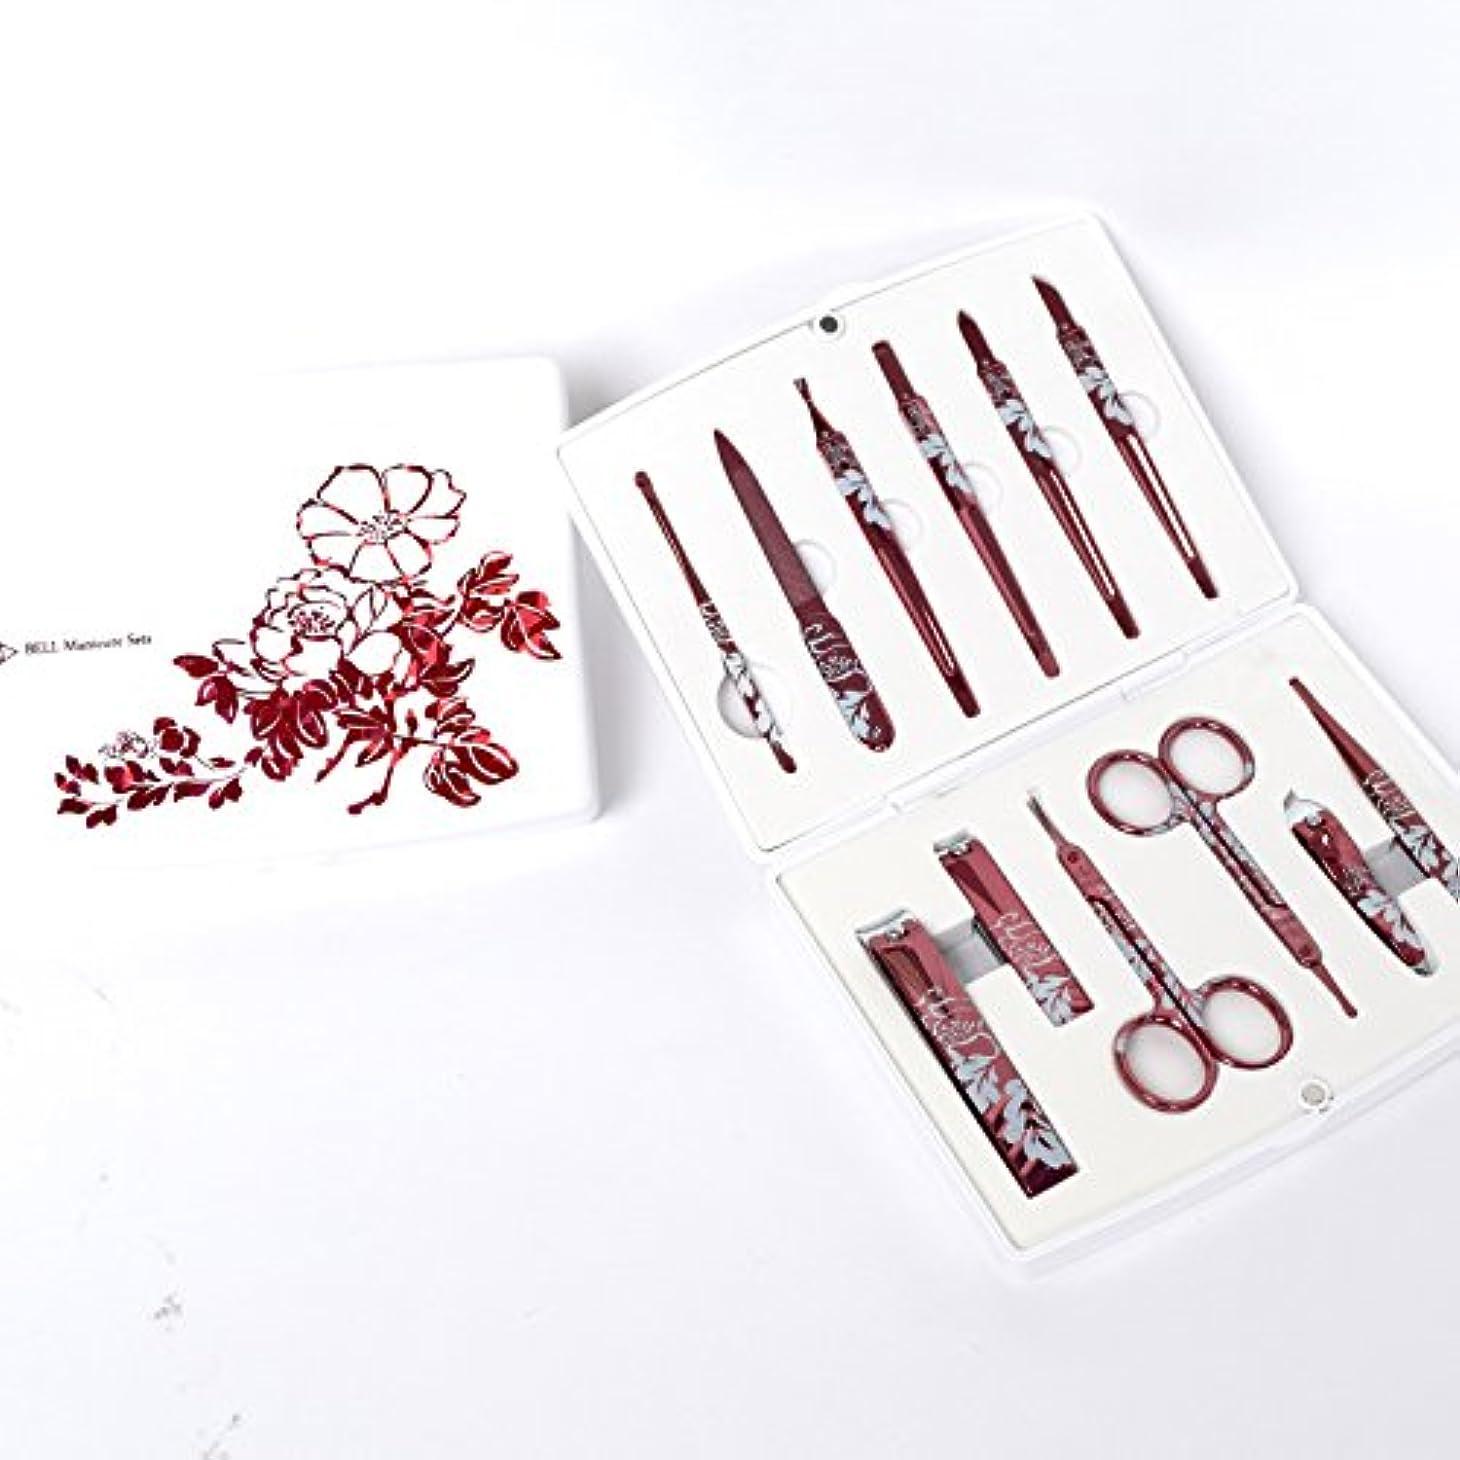 理論的急行する調整BELL Manicure Sets BM-500A ポータブル爪の管理セット 爪切りセット 高品質のネイルケアセット高級感のある東洋画のデザイン Portable Nail Clippers Nail Care Set